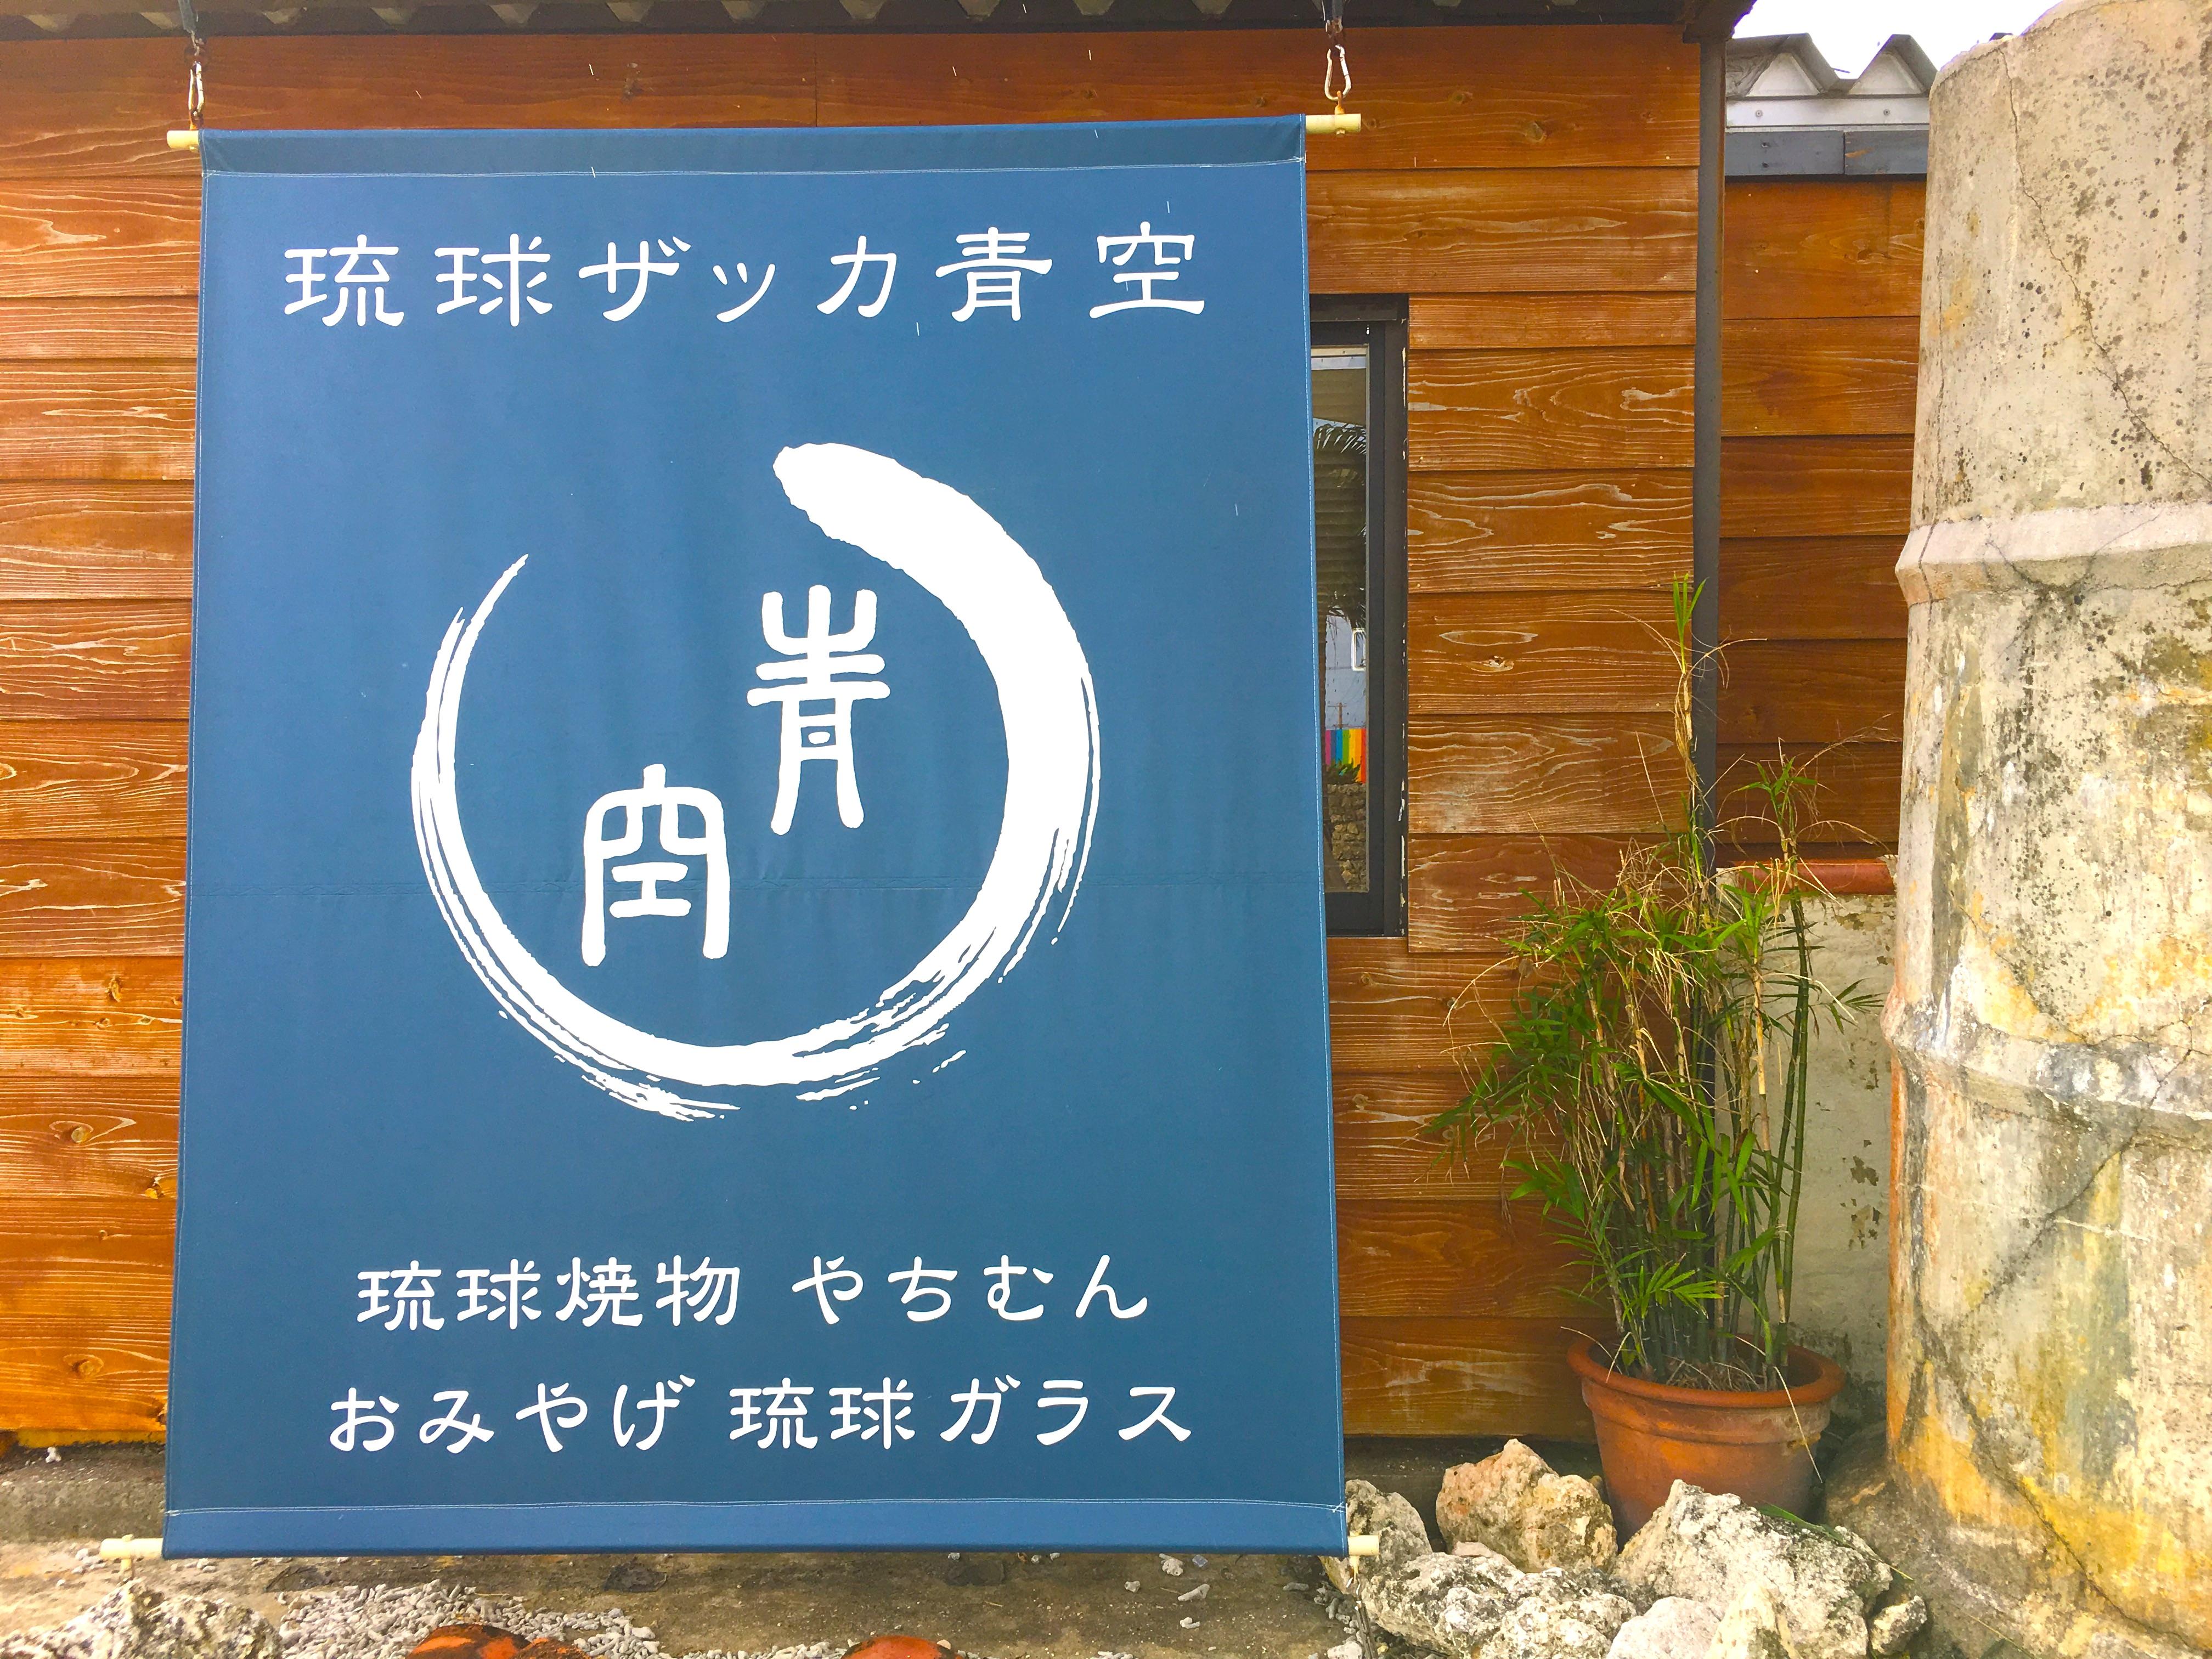 来間島「あおぞらパーラー」の心と体が生き返るスムージー【宮古島旅行記6】